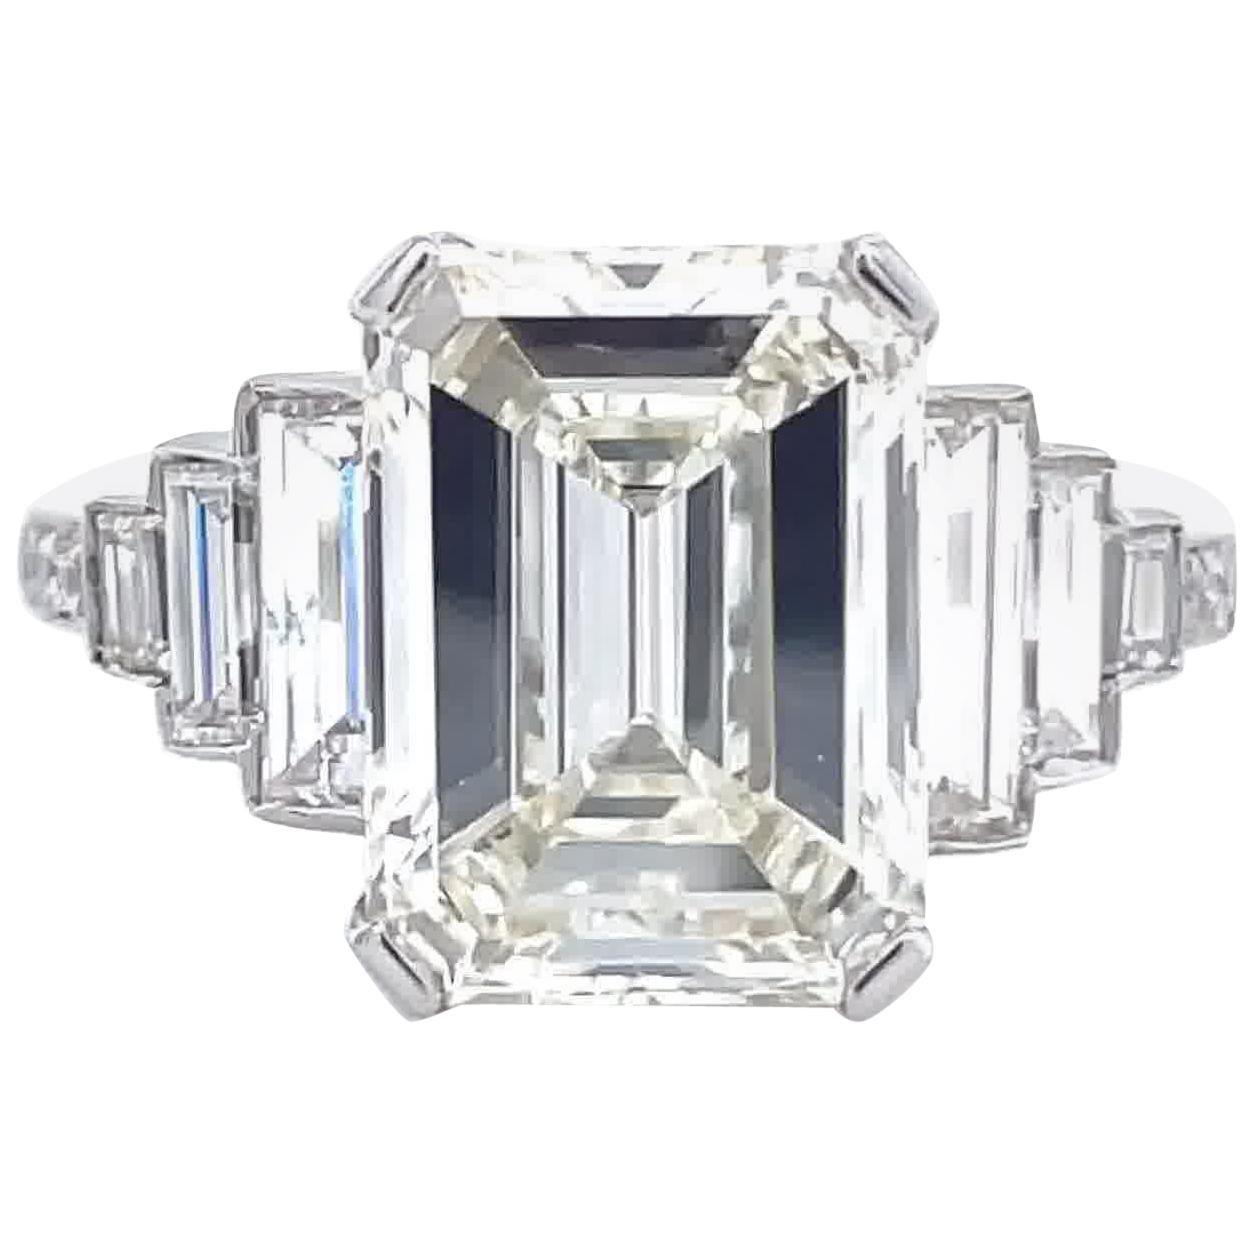 Art Deco Inspired GIA 4.05 Carat Emerald Cut Diamond Platinum Engagement Ring